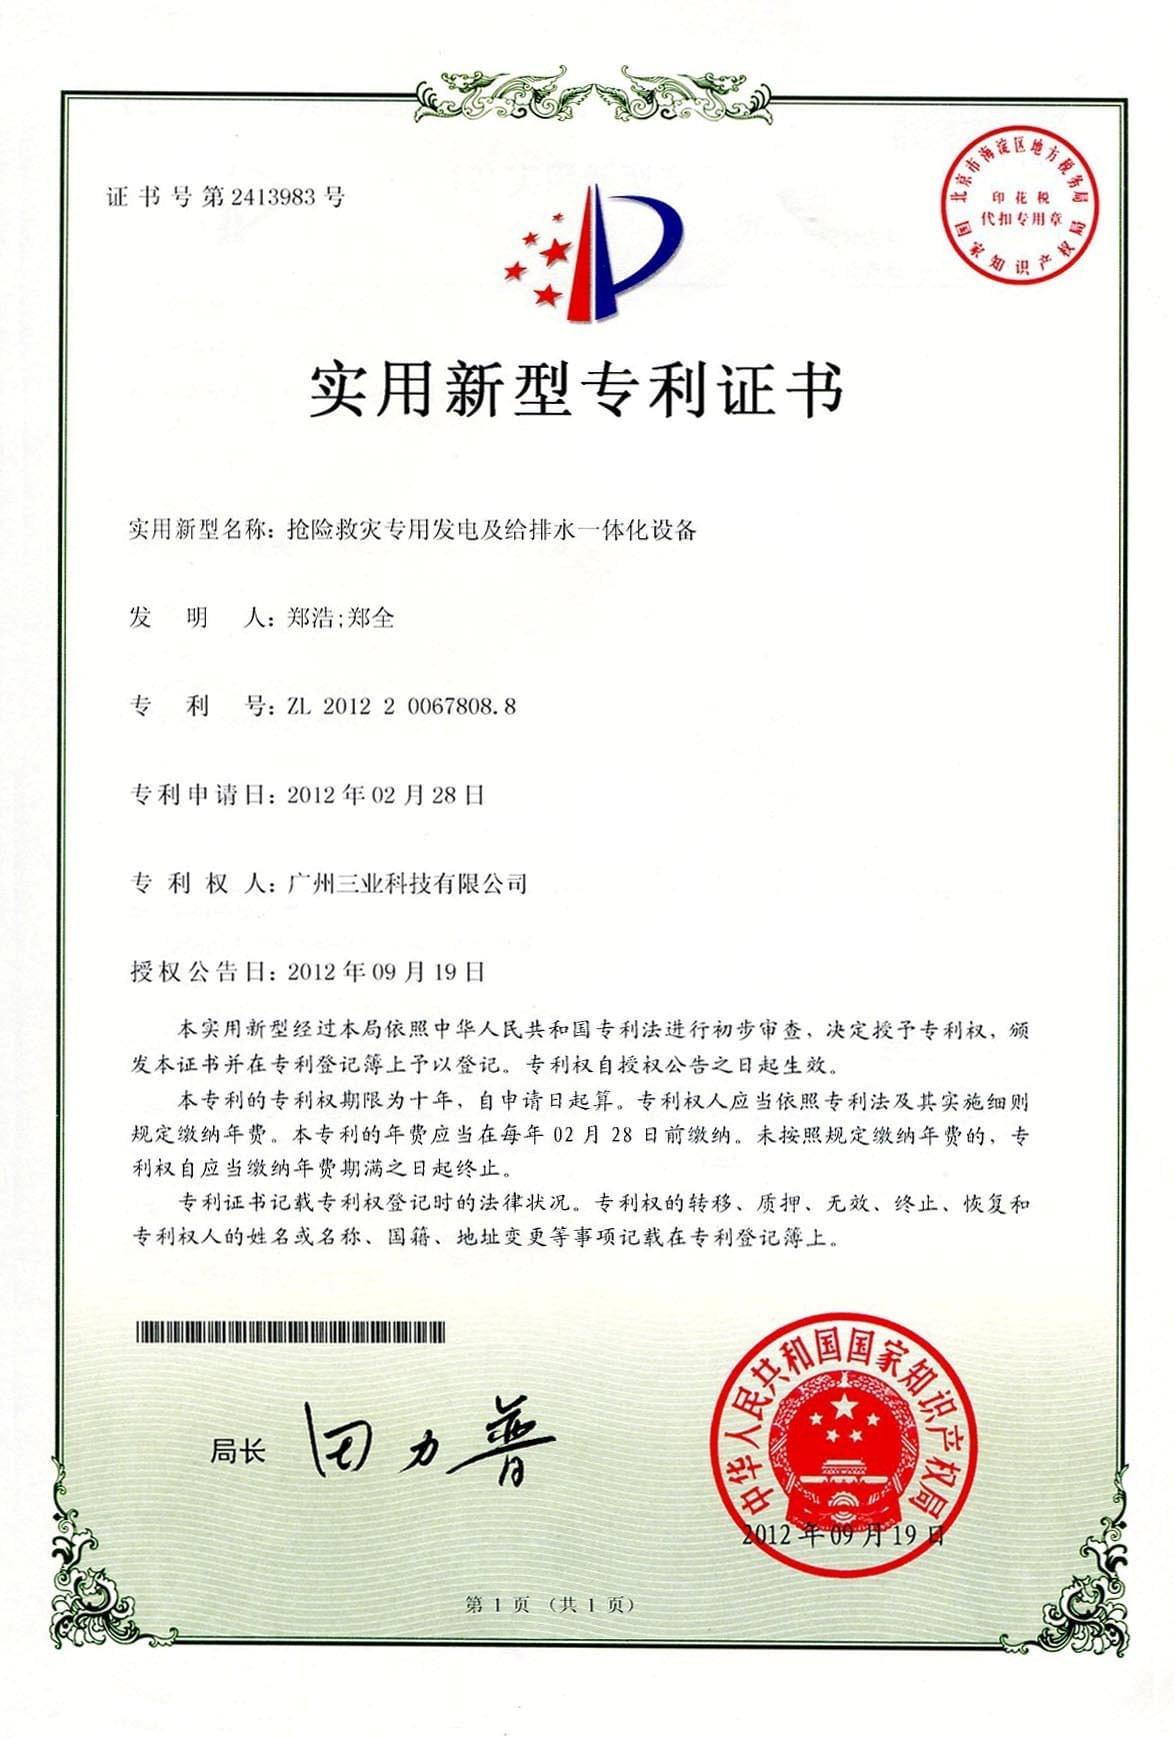 抢险救灾专利证书